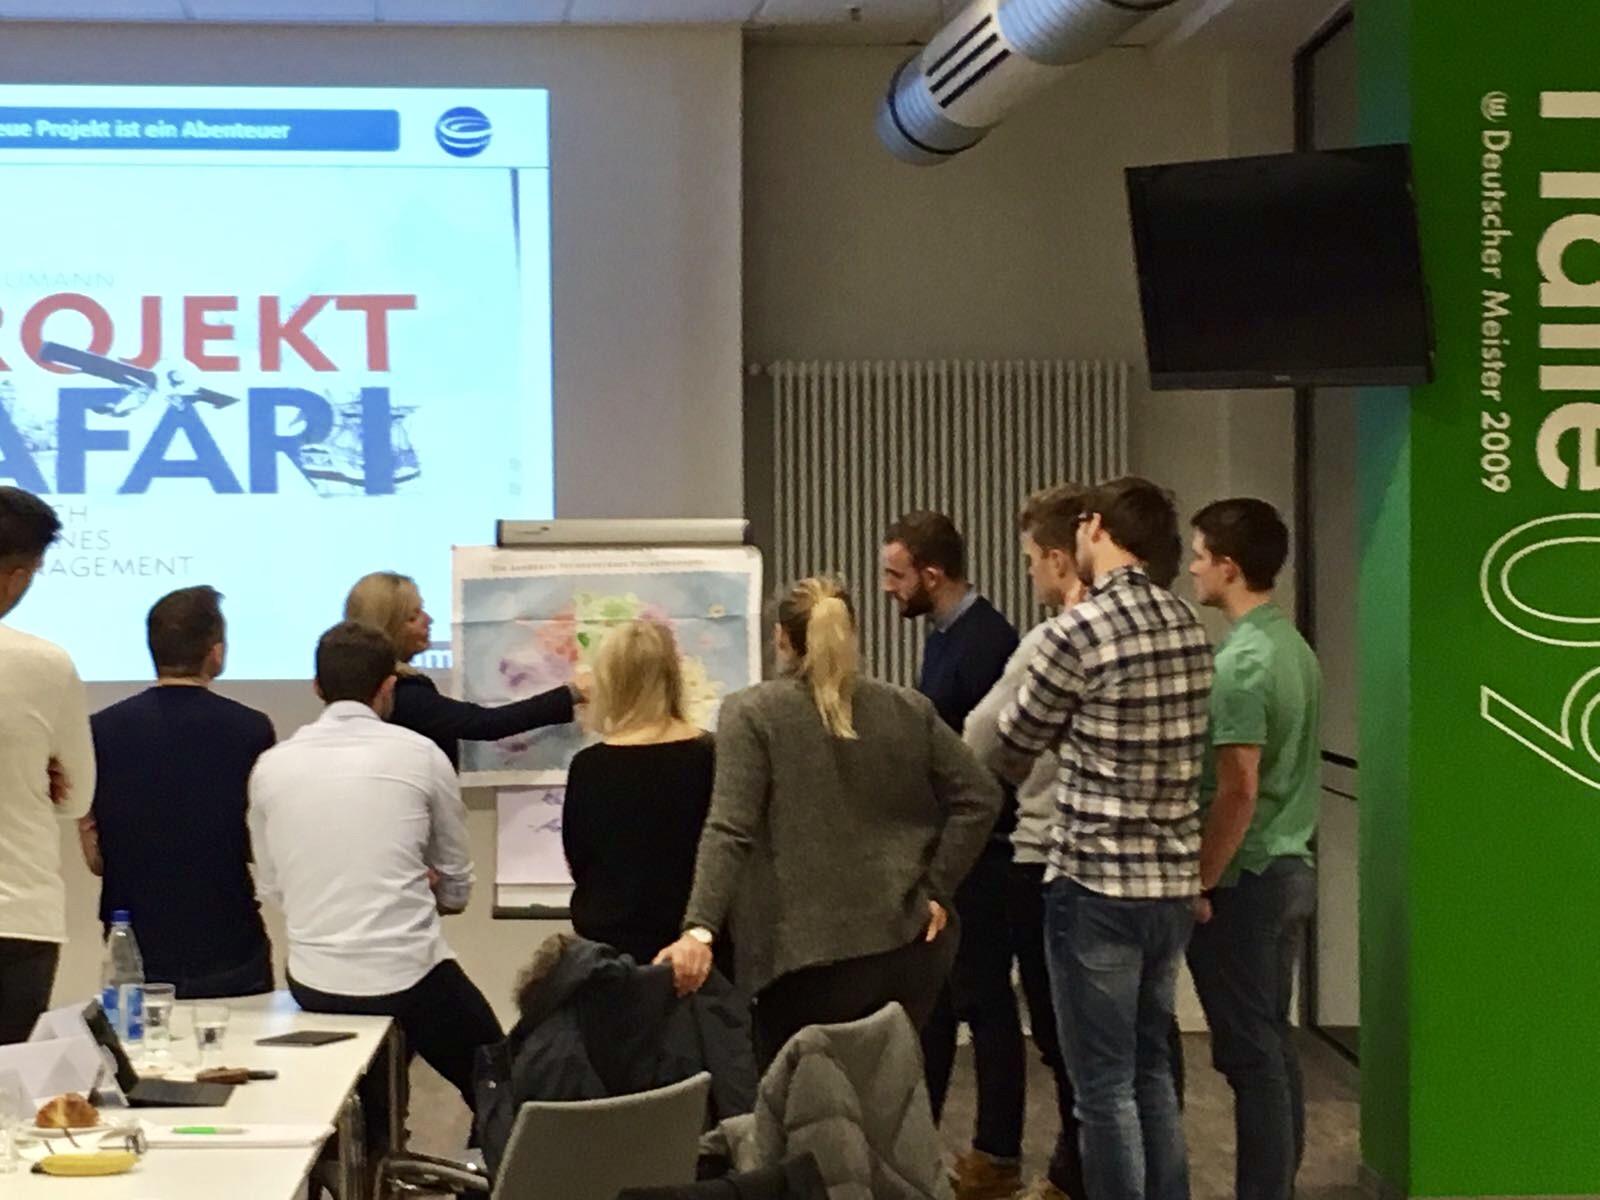 Foto: Dozentin Bettina Miserre mit Seminarteilnehmern am VfL Wolfsburg Campus